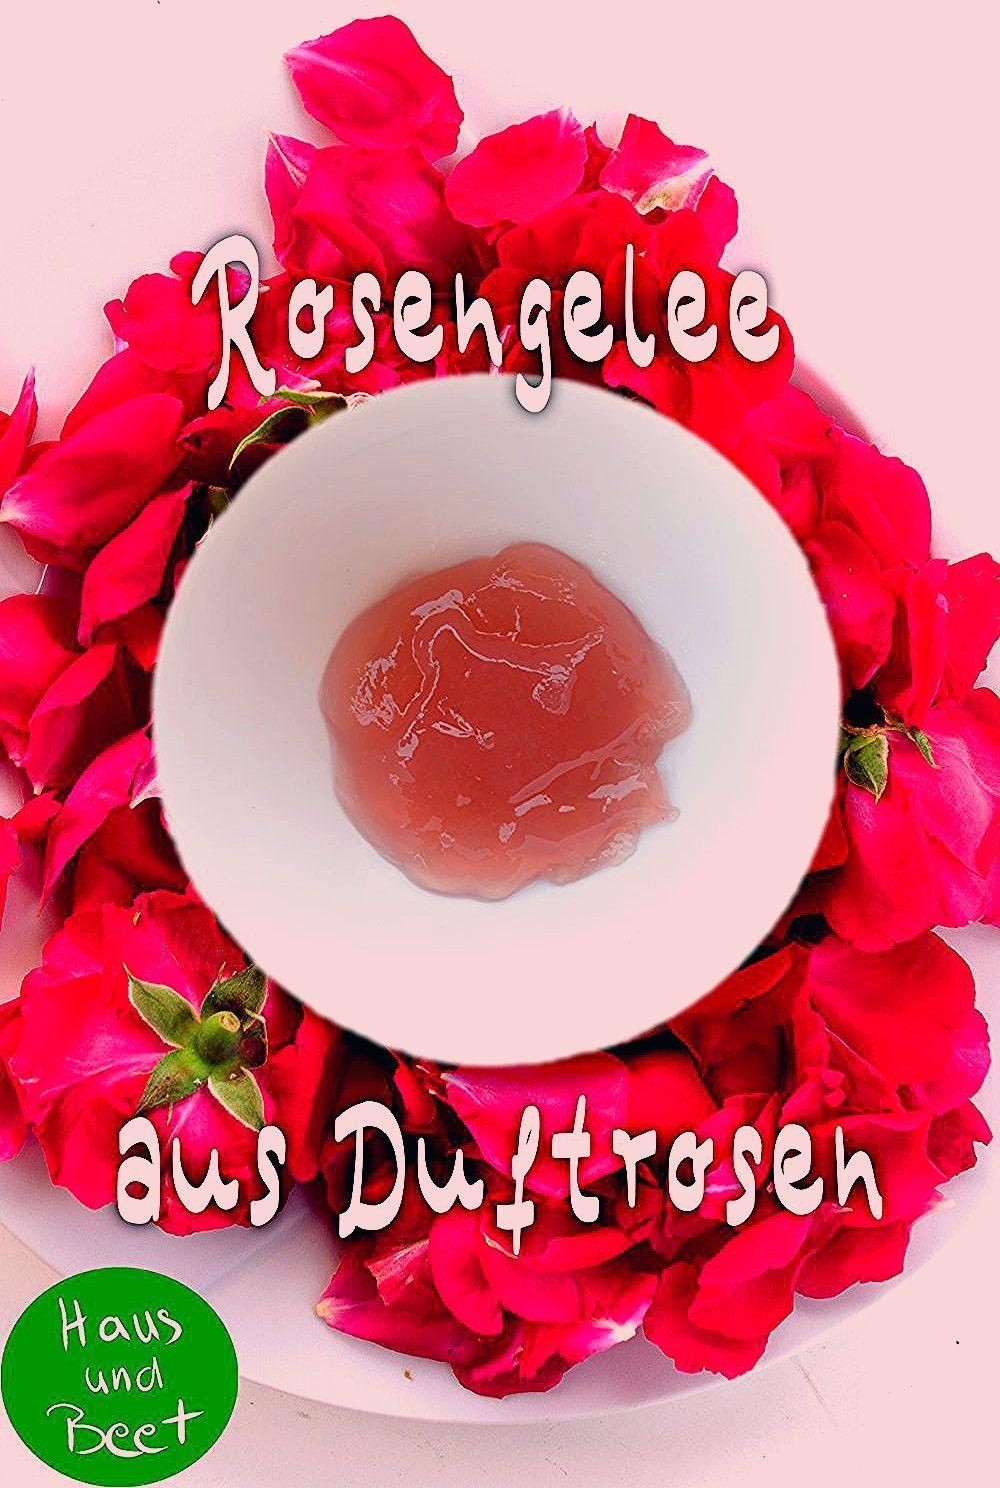 Rosengelee – Eine zarte Versuchung aus dem Garten - Haus und Beet